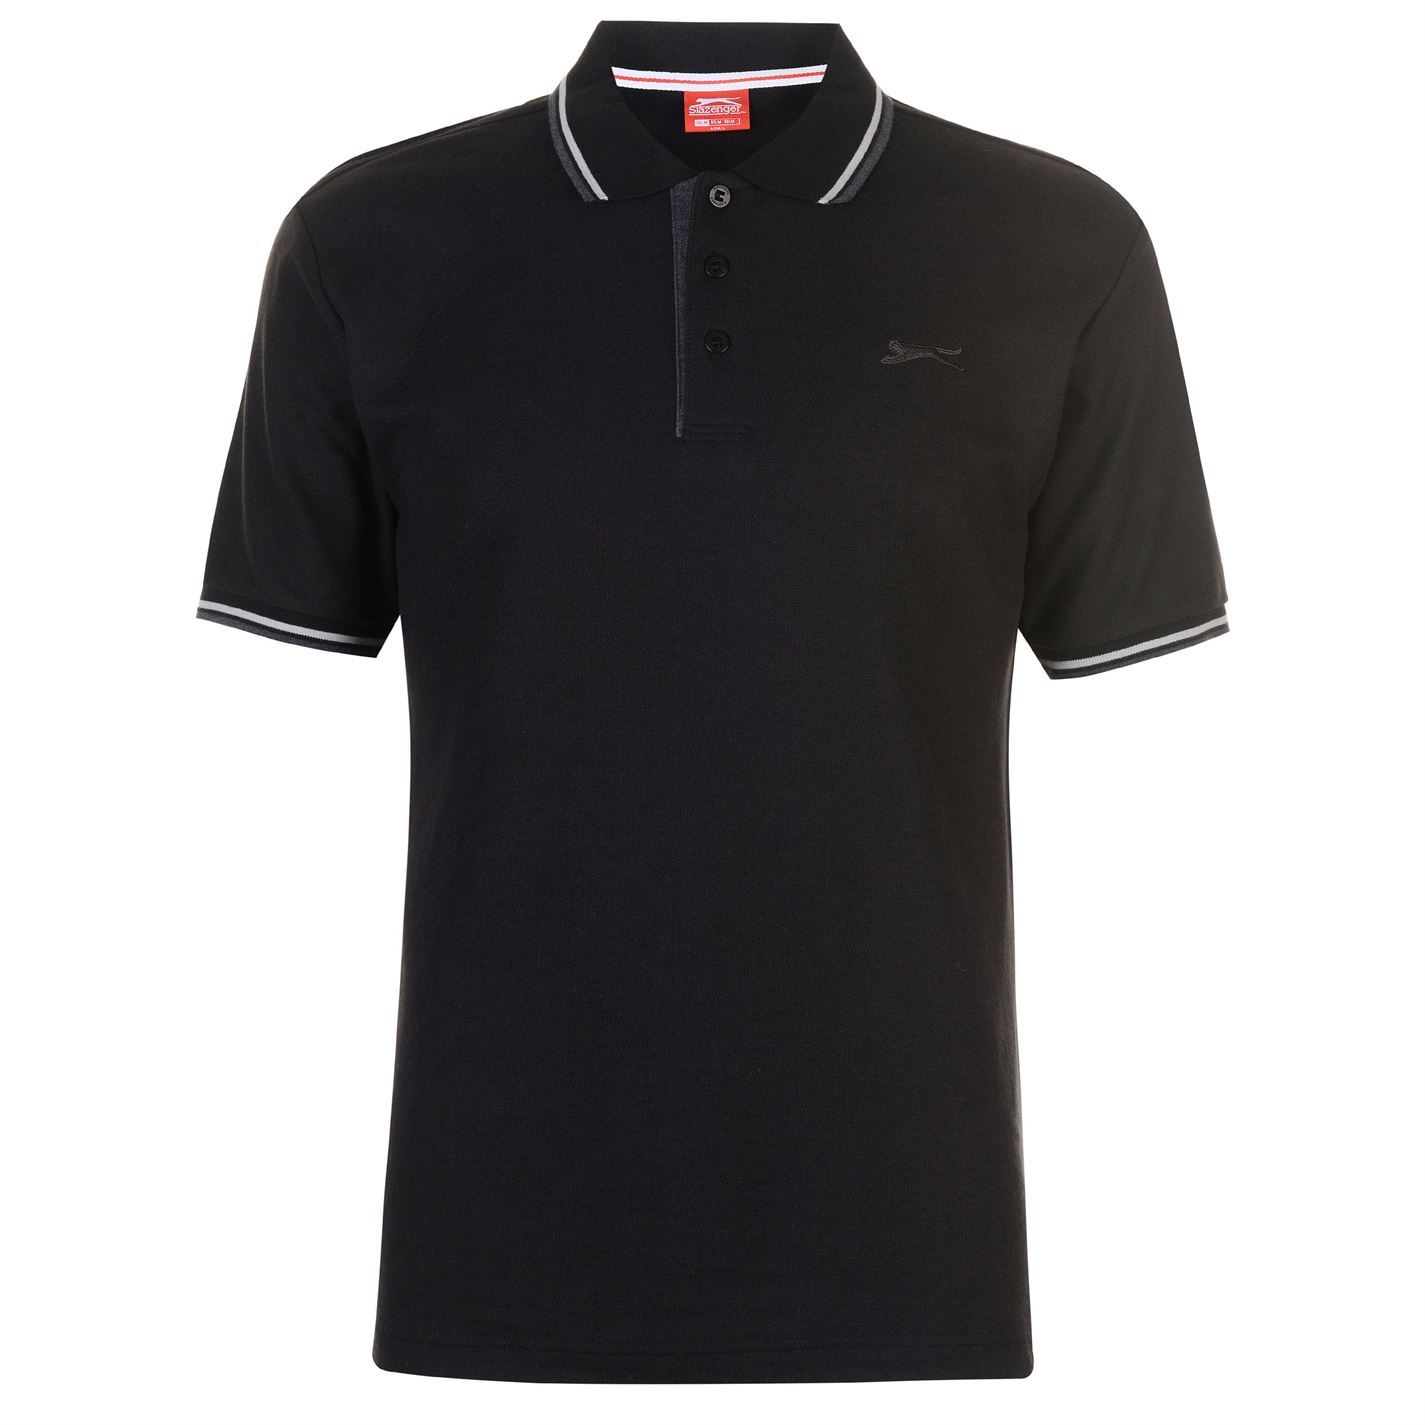 Slazenger-Polo-Camisa-de-hombre-con-cuello-con-Punta-T-Shirt-Top-Camiseta-Tee miniatura 9